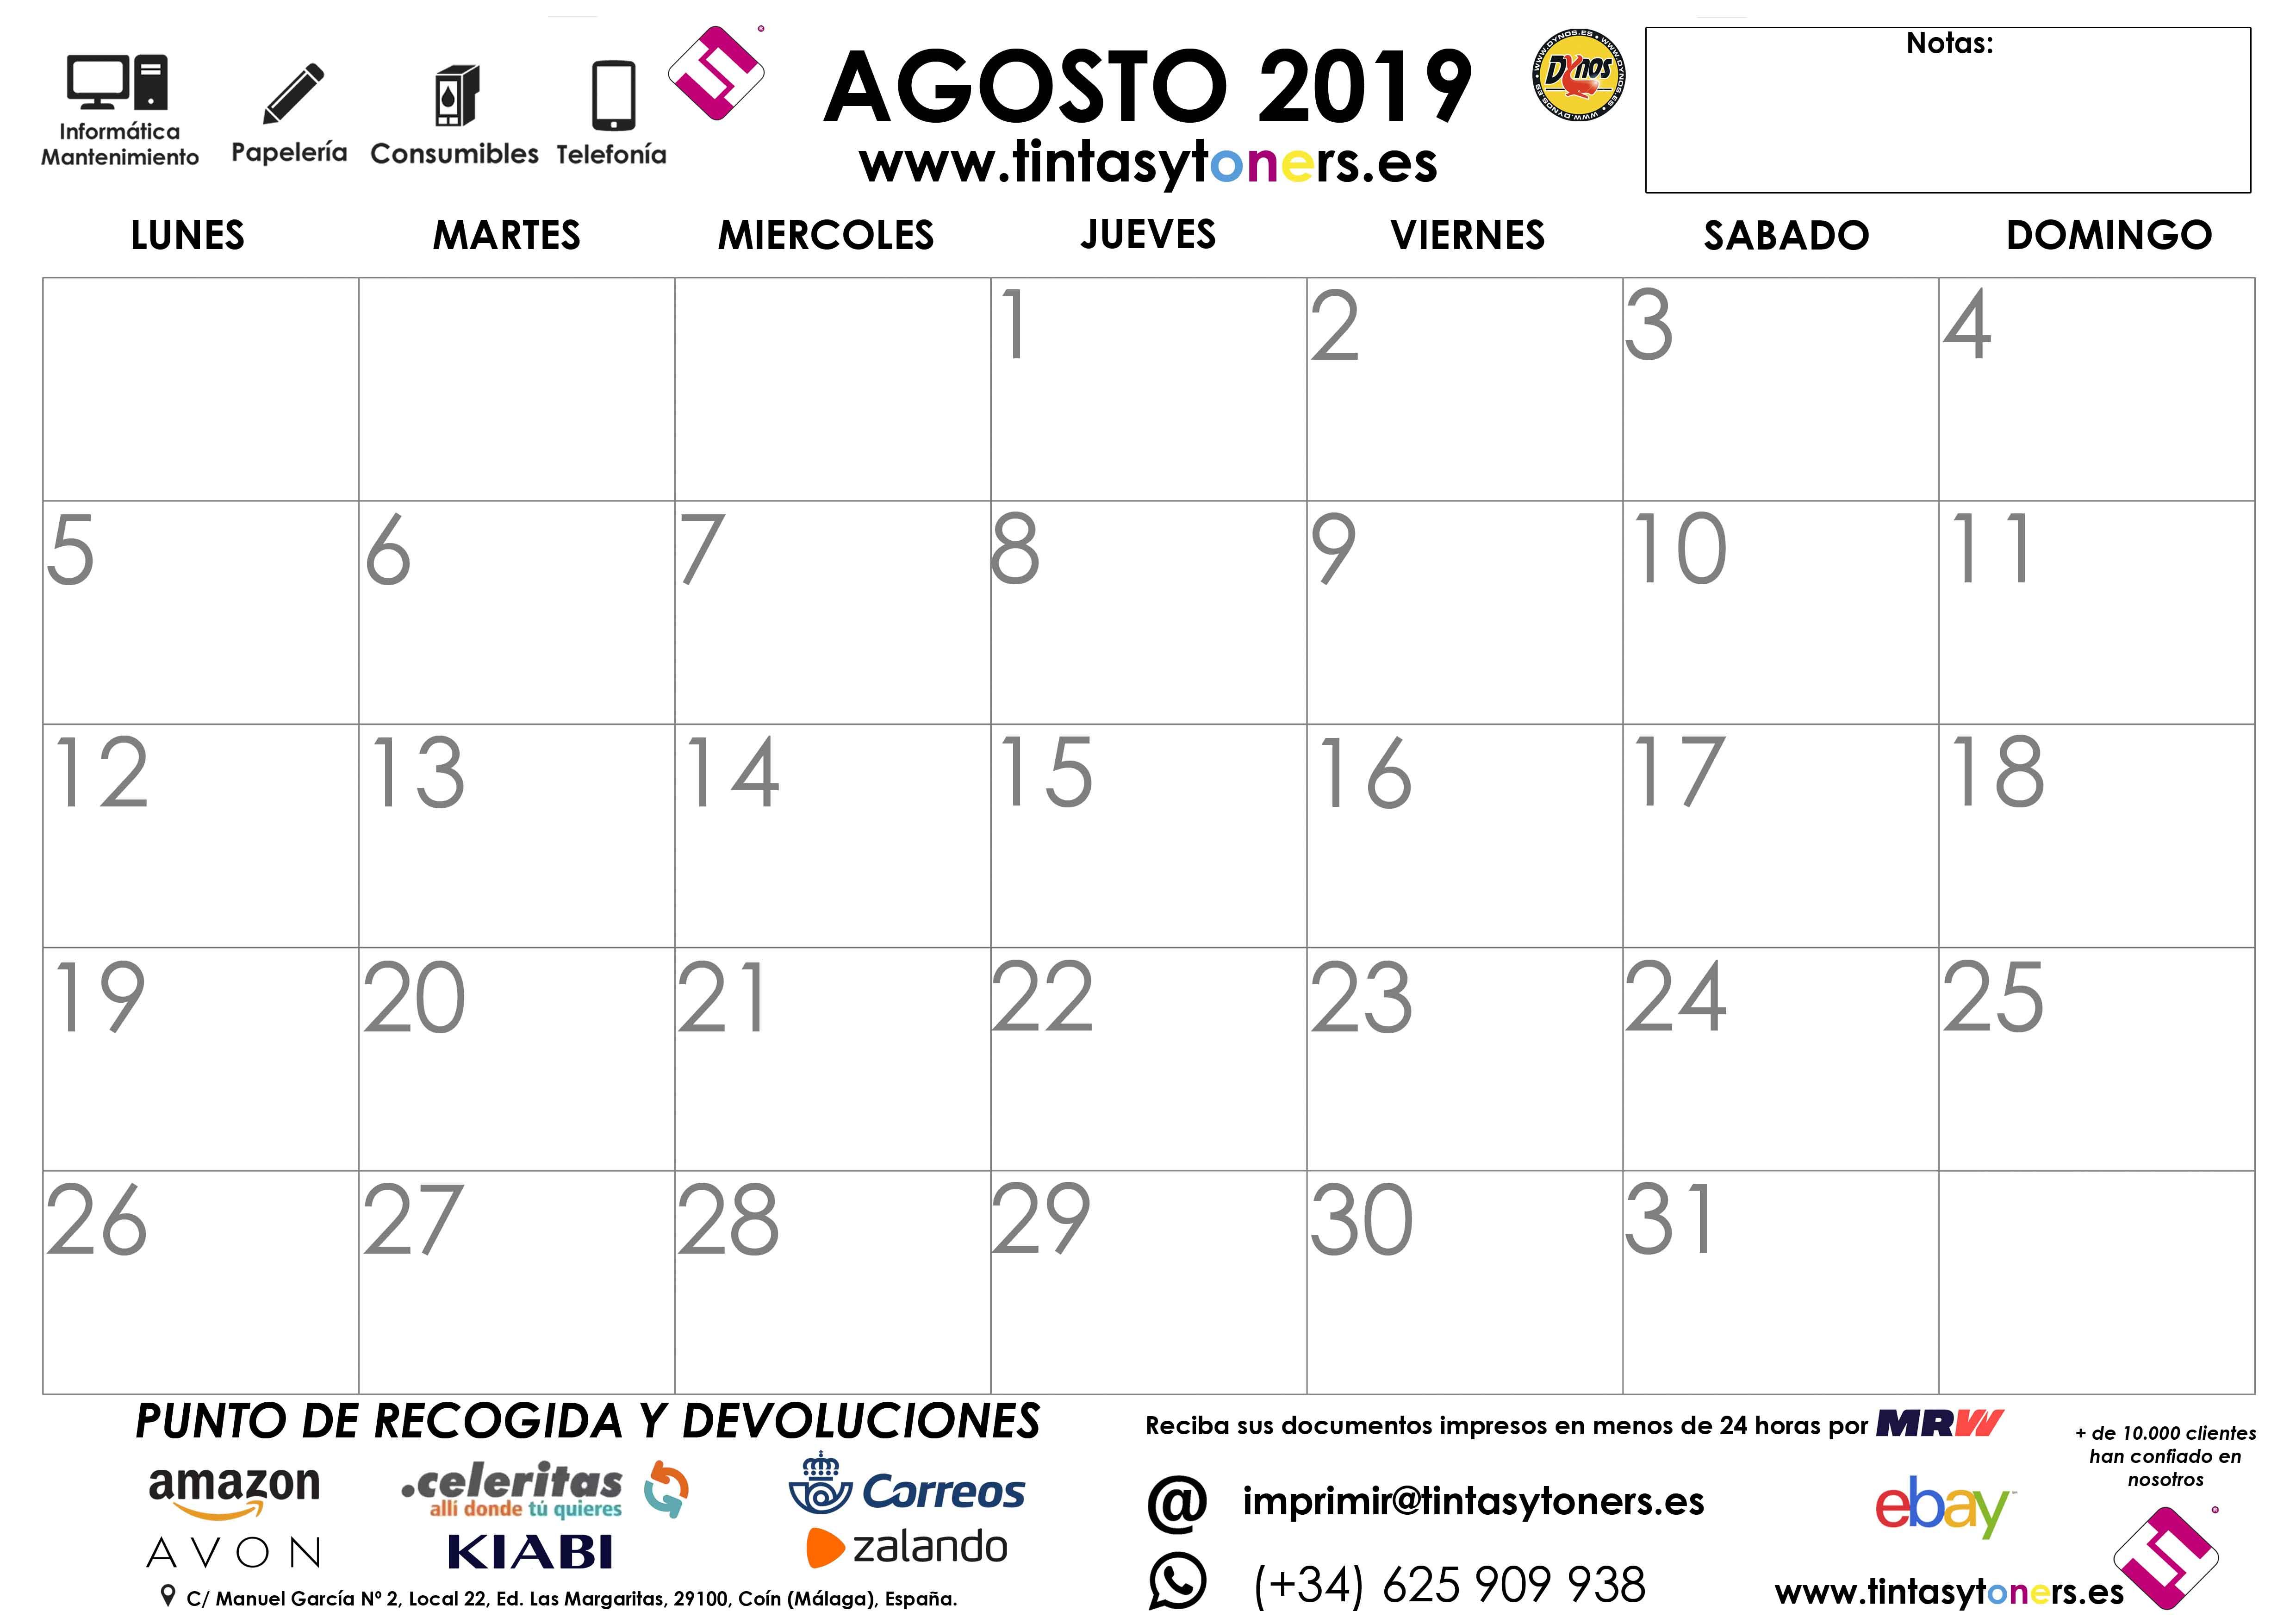 8 AGOSTO 2019 CALENDARIO TINTASYTONERS